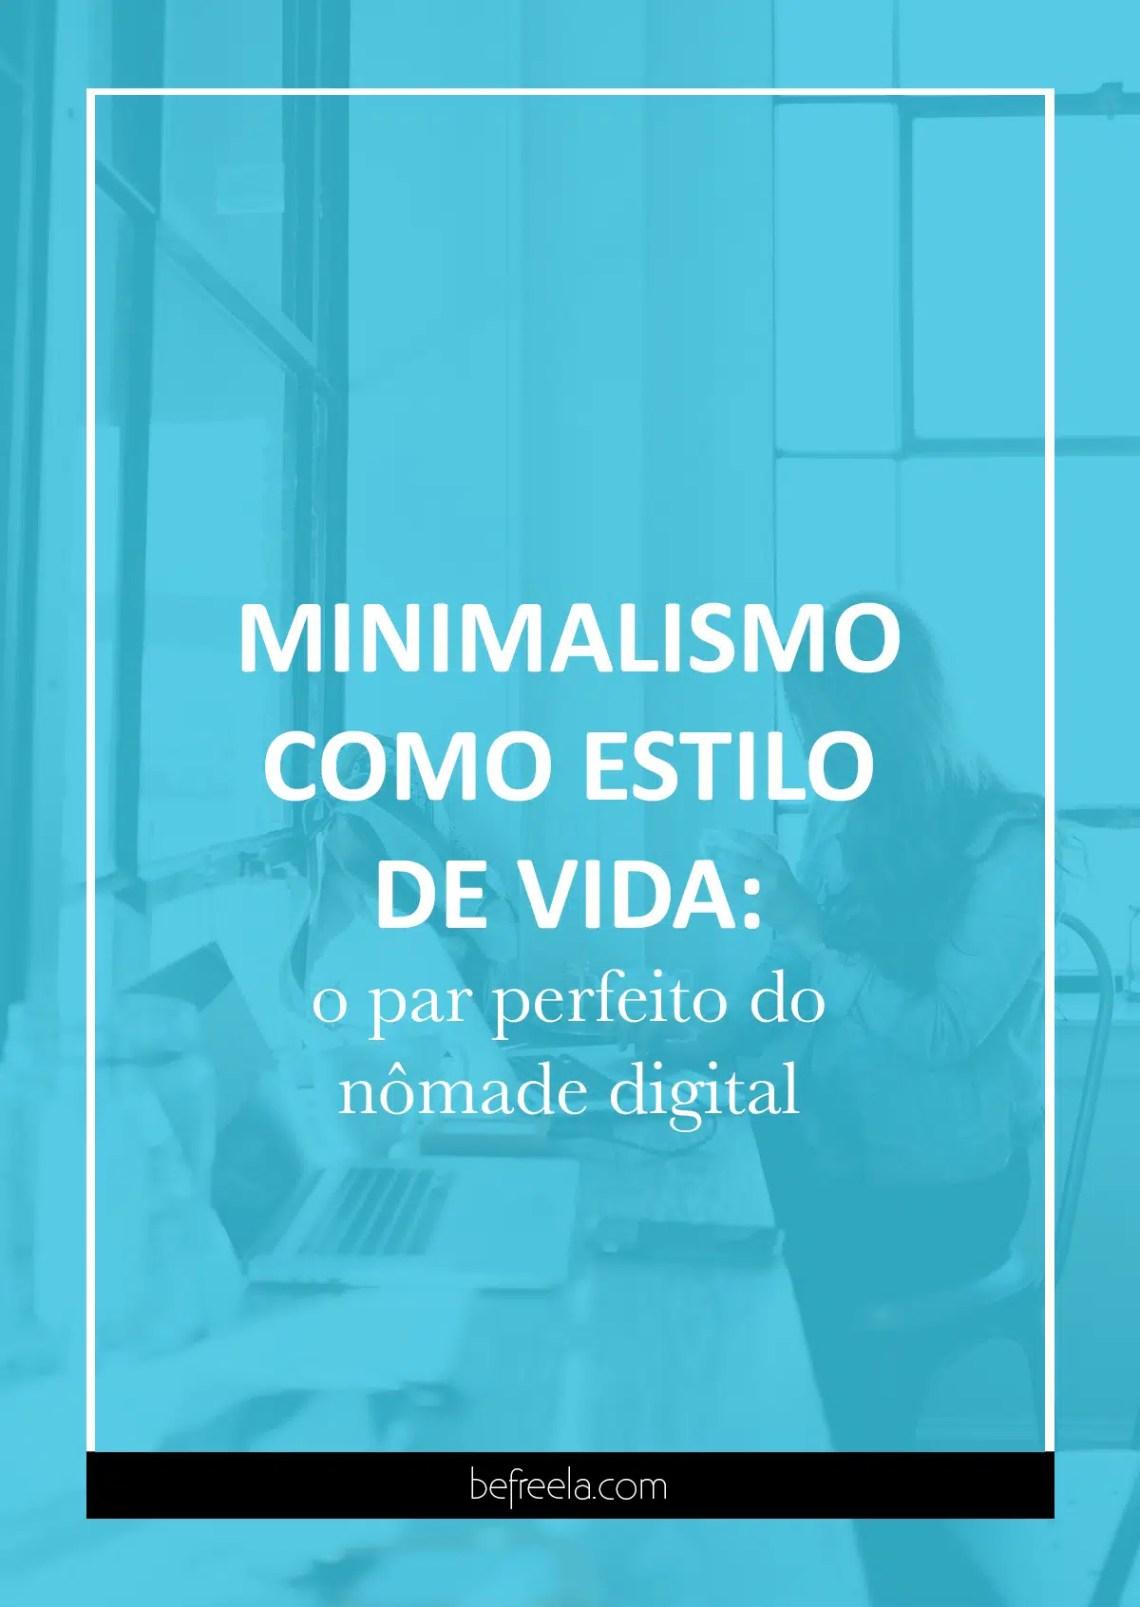 Minimalismo como estilo de vida: o par perfeito do nômade digital